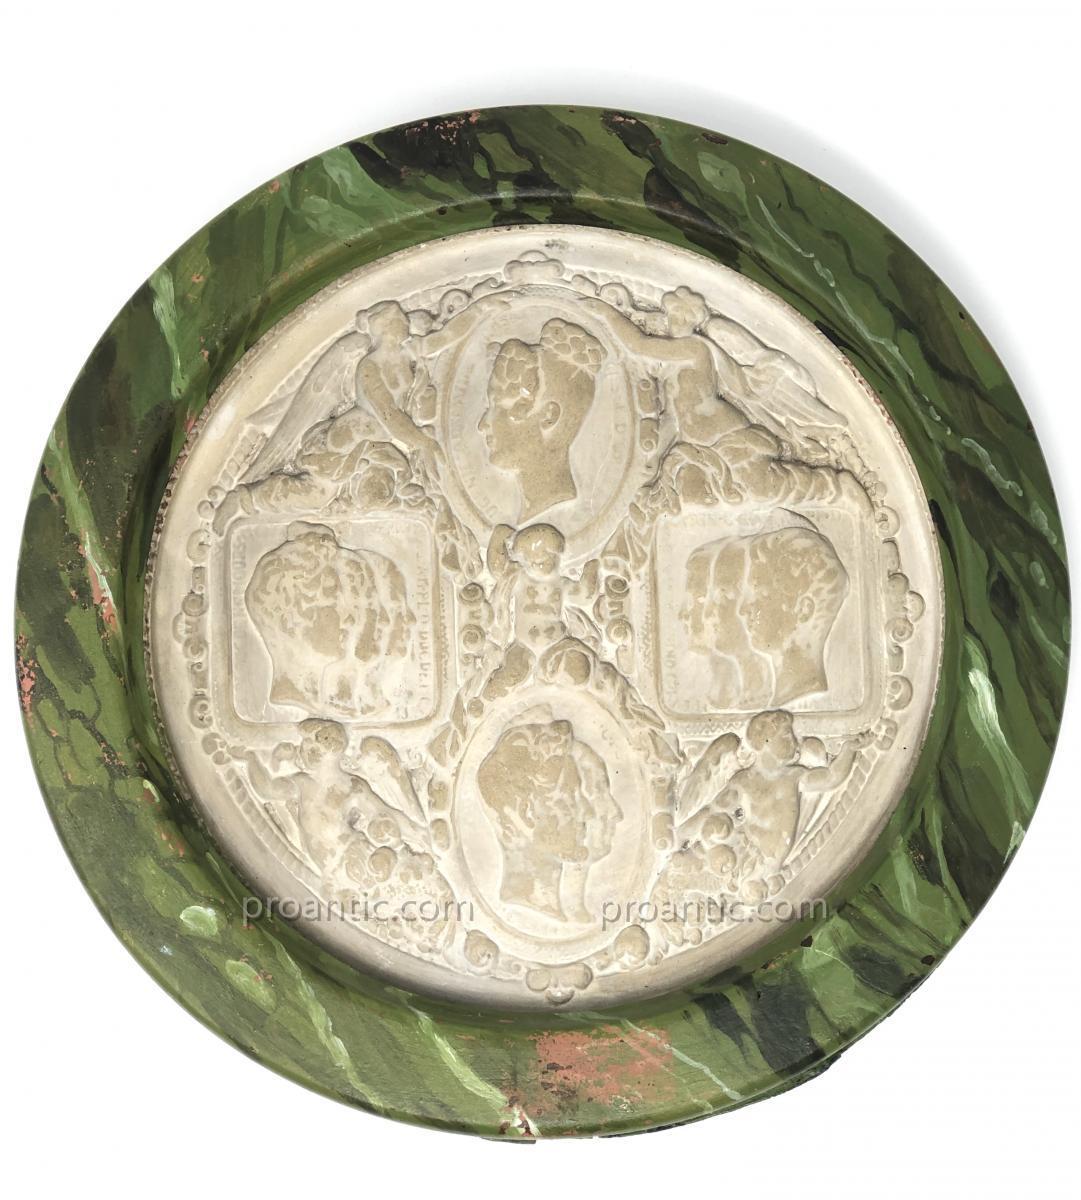 Grand Médaillon En Plâtre aux Profils de la Famille d'Orléans ROI LOUIS-PHILIPPE